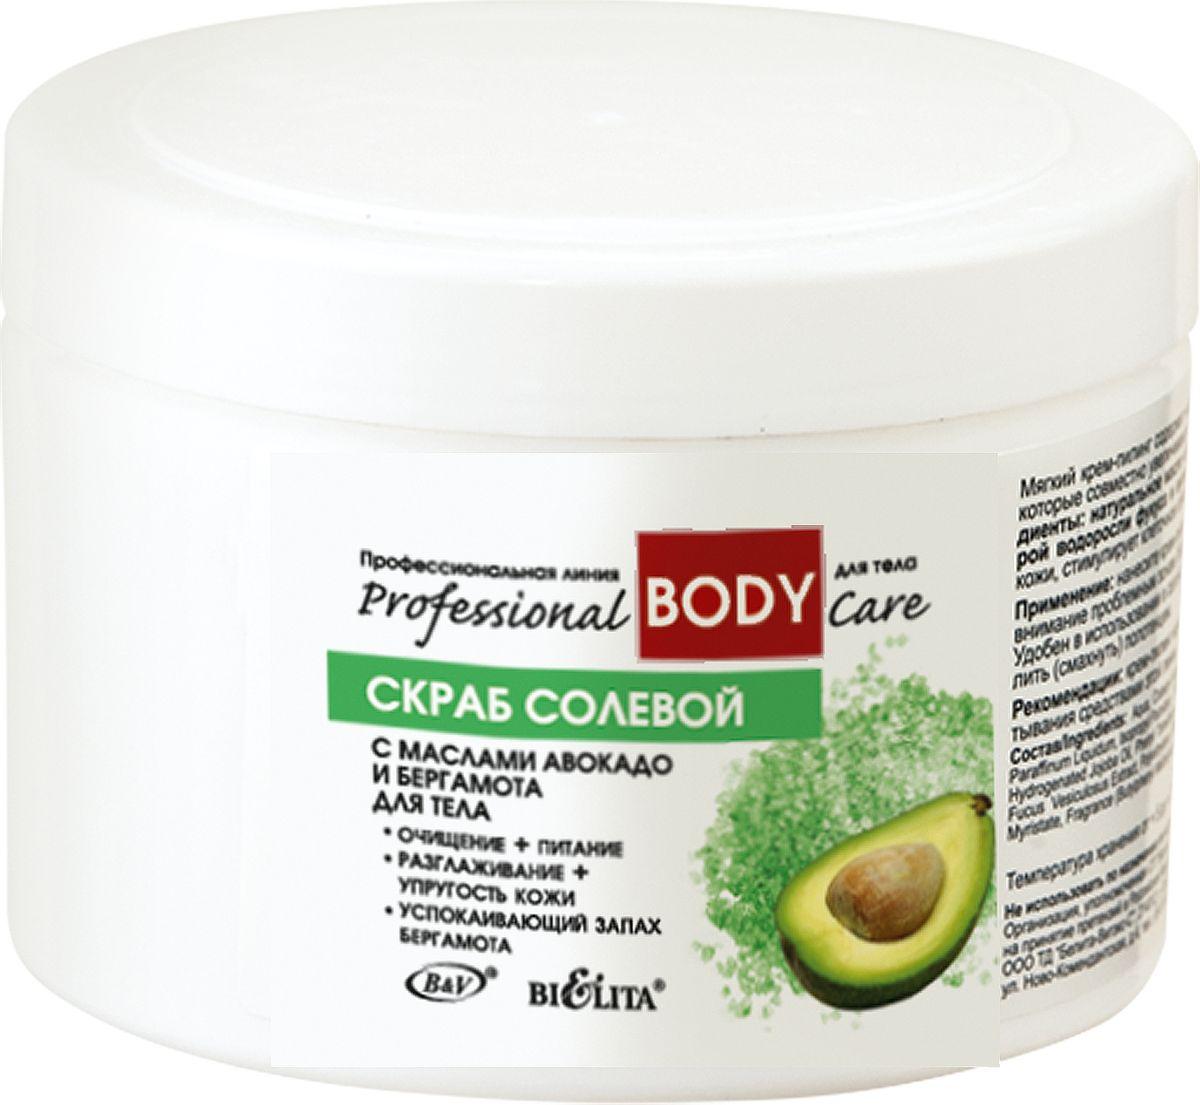 Белита Скраб солеврой с маслами авокадо и бергамота для тела Body Care, 600 гBPF-1066Интенсивное средство для очищения кожи перед проведением различных процедур.Активные ингредиенты: соль Мертвого моря — 15%, масло авокадо, натуральные воски, витамин Е, эфирное масло бергамота. Натуральное масло авокадо питает и насыщает кожу необходимыми жирными кислотами во время эксфолиации эпидермиса. Бережно обновляет кожу укрепляет и придает ей гладкость и бархатистость. Действие: очищение+питание; разглаживание+упругость кожи; успокаивающий запах бергамота. Гармонично подобранная SPA-программа поможет быстро и эффективно восстановить жизненные силы и зарядиться энергией,— укрепить здоровье — достичь совершенного силуэта — обрести свой индивидуальный стиль и желанную красоту. Программа состоит из 7-ми препаратов, основанных на 5-ти морских водорослях, целебной грязи и соли Мёртвого моря. Косметика содержит также натуральные масла — абрикоса, пшеничных зародышей, каритэ, витамины, эфирное масло розмарина, активаторы метаболизма — кофеин и теофиллин. Препараты сгруппированы с учётом этапности ухода. Средства линии могут применяться как самостоятельно, так и в различных специальных процедурах: антицеллюлитная программа, детоксикация, улучшение состояния кожи, снятие усталости и др.Отличительной чертой профессиональной косметики BIELITA PROFESSIONALявляется синергетическое действие препаратов, т. е. при совместном применении они дополняют и усиливают действие друг друга. Это позволяет косметологам-профессионалам: — творчески разнообразить процедуры— достигать максимальной эффективности— учитывать индивидуальные особенности каждого клиента. Программа состоит из 3-х этапов1 Этап ОчищениеСКРАБ СОЛЕВОЙ с маслом абрикоса и розмарина для тела КРЕМ — ПИЛИНГ с маслом карите и гранулами жожоба для тела 2 Этап ОбёртываниеОБЁРТЫВАНИЕ водорослевое моделирующее ОБЁРТЫВАНИЕ грязевое подтягивающее SPA — ОБЁРТЫВАНИЕ грязево-водорослевое антицеллюлитное 3 Этап Завершение процедурыКРЕМ-СКУЛЬПТОР с 